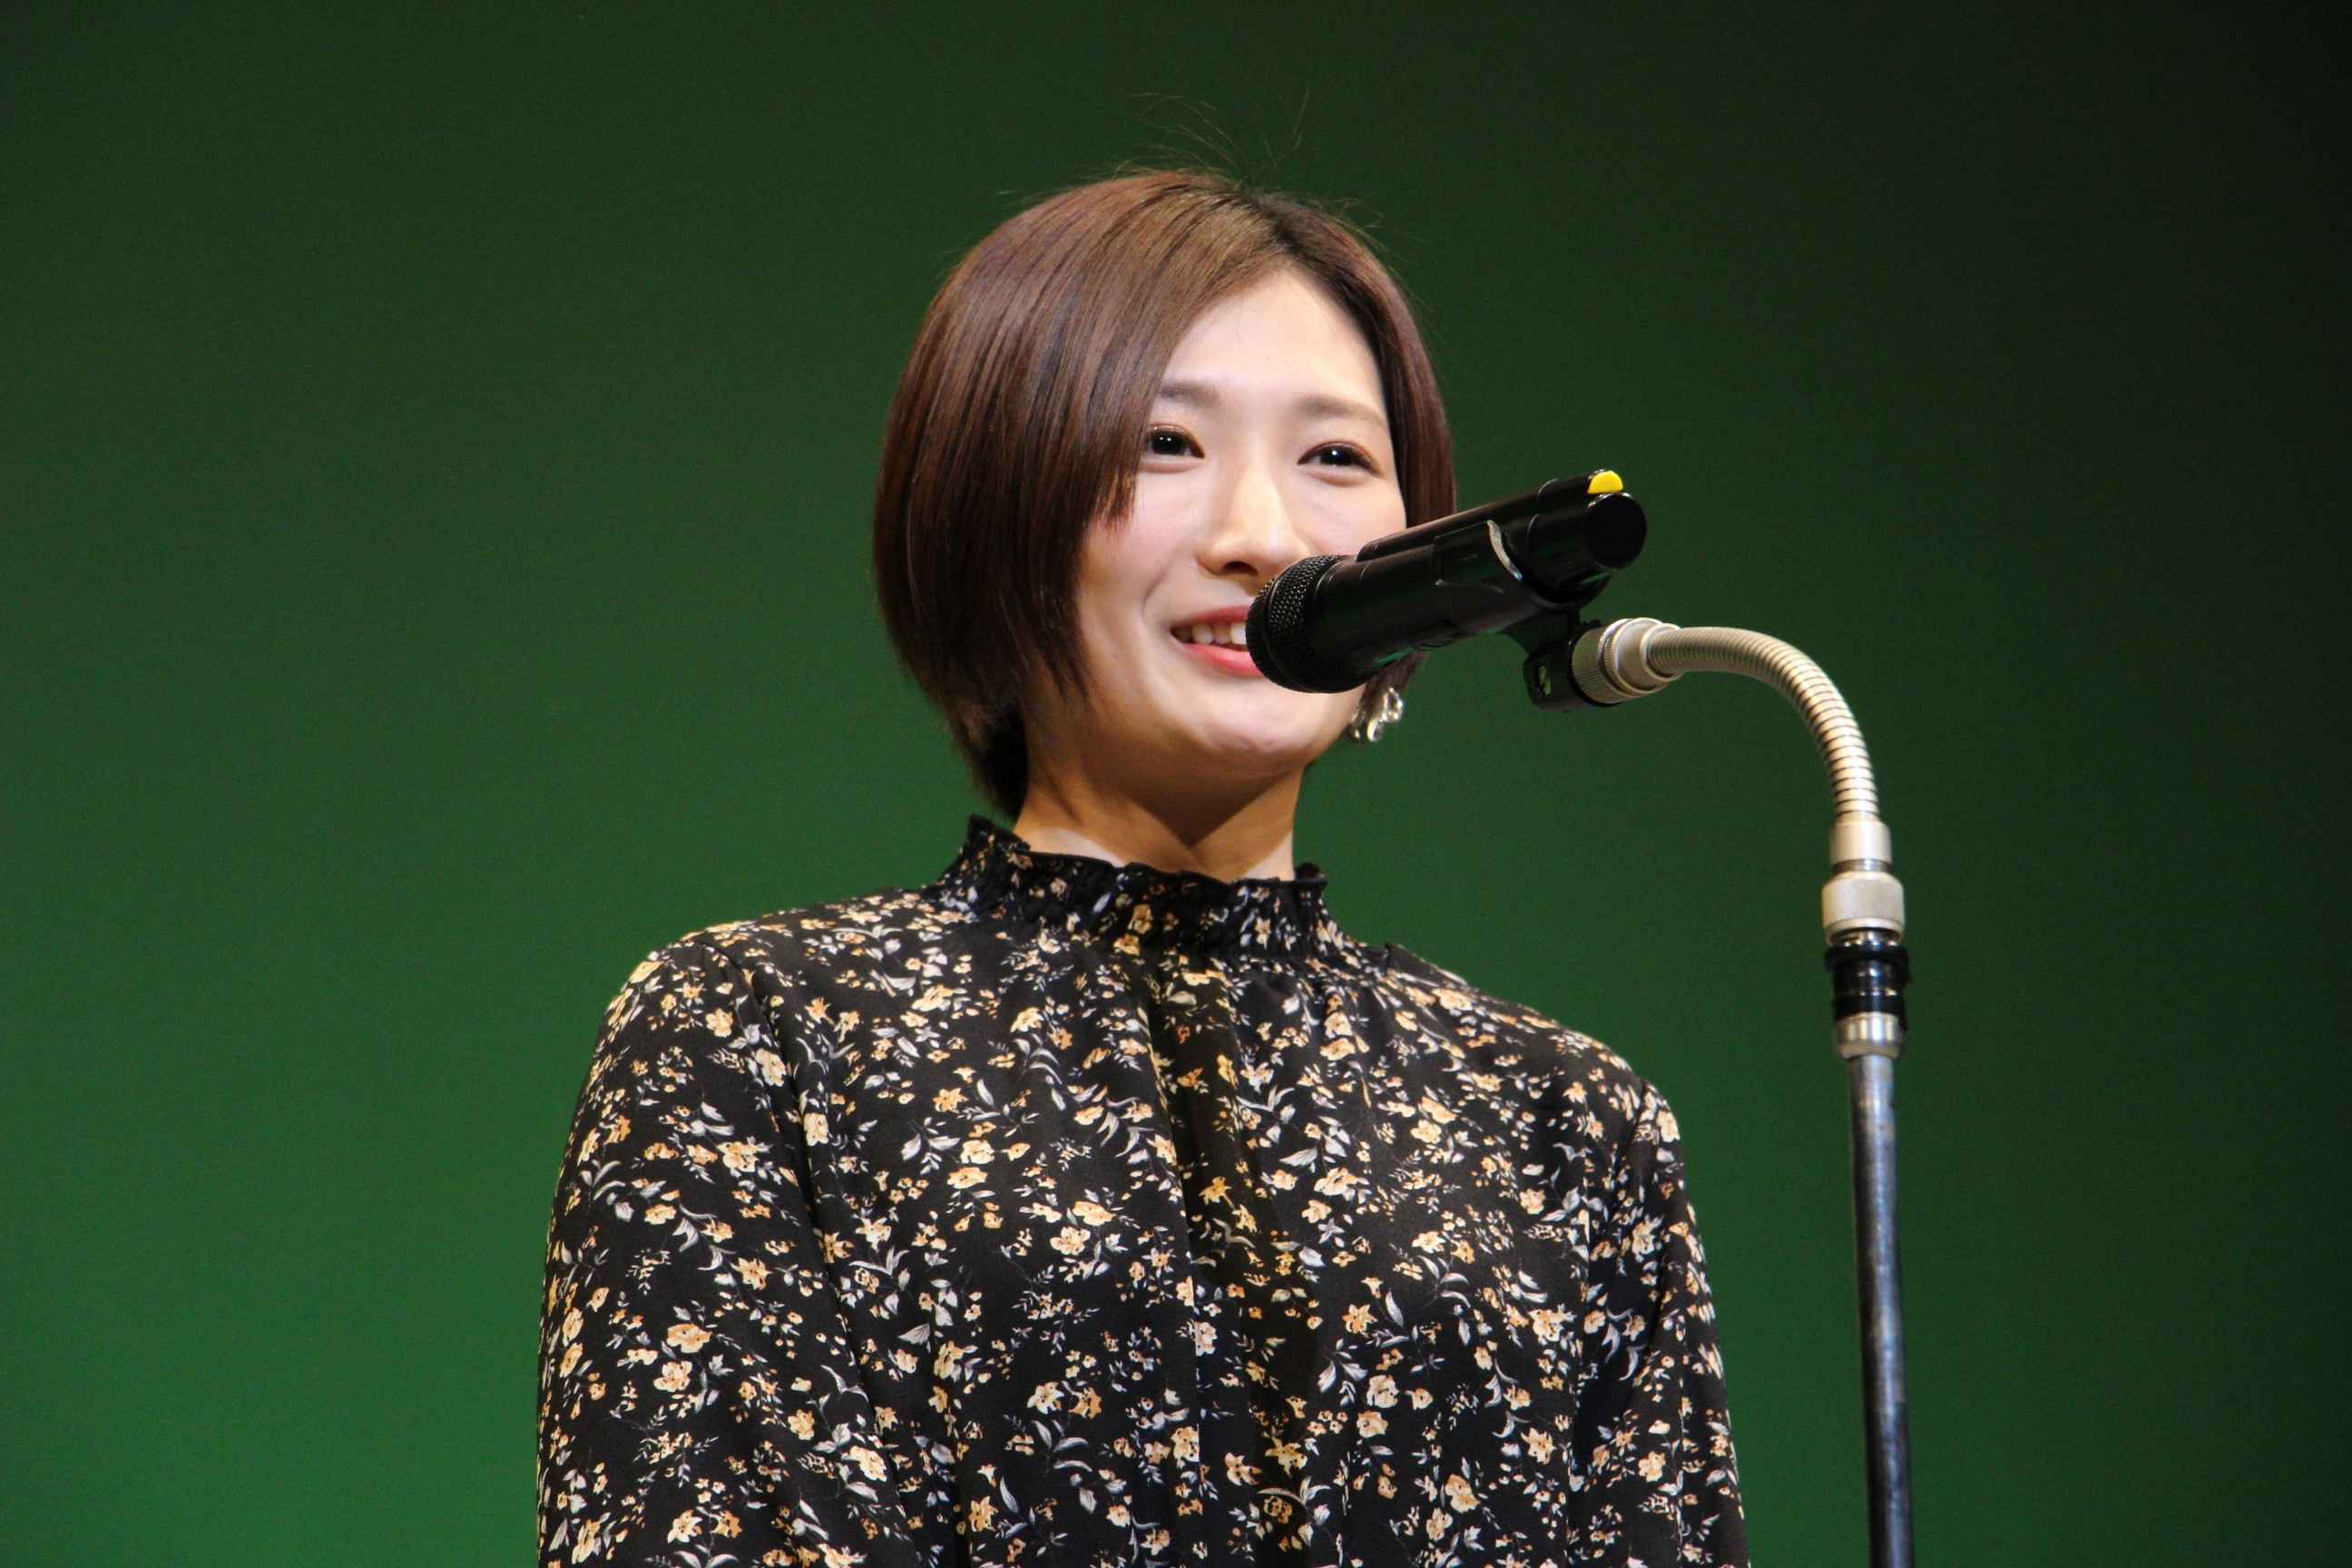 ベストアクション女優賞プレゼンター・武田梨奈(アクションアワード2013最優秀女優賞)